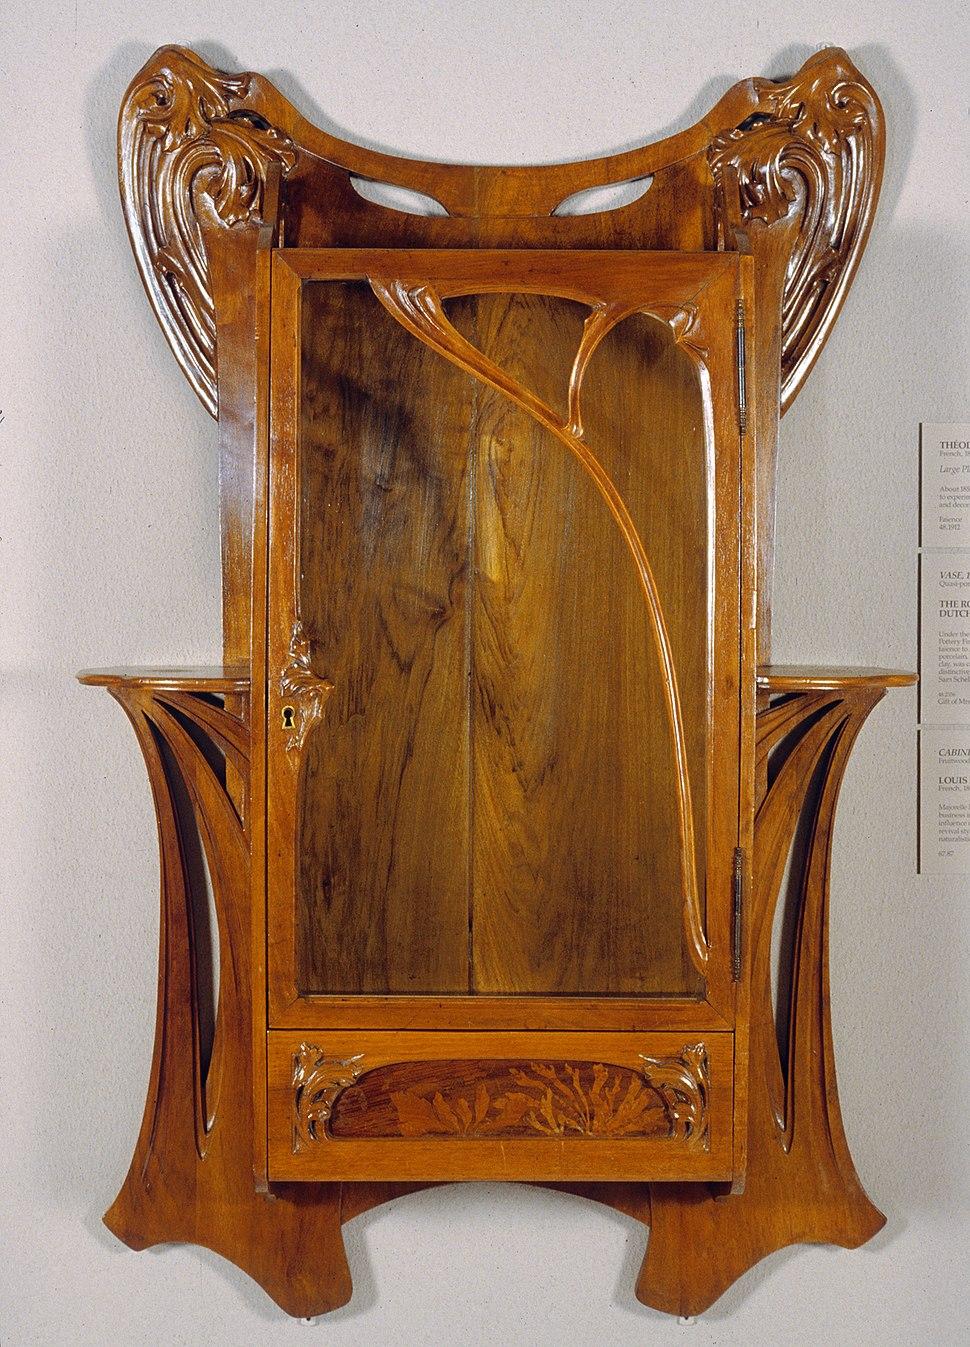 Louis Majorelle - Wall Cabinet - Walters 6587